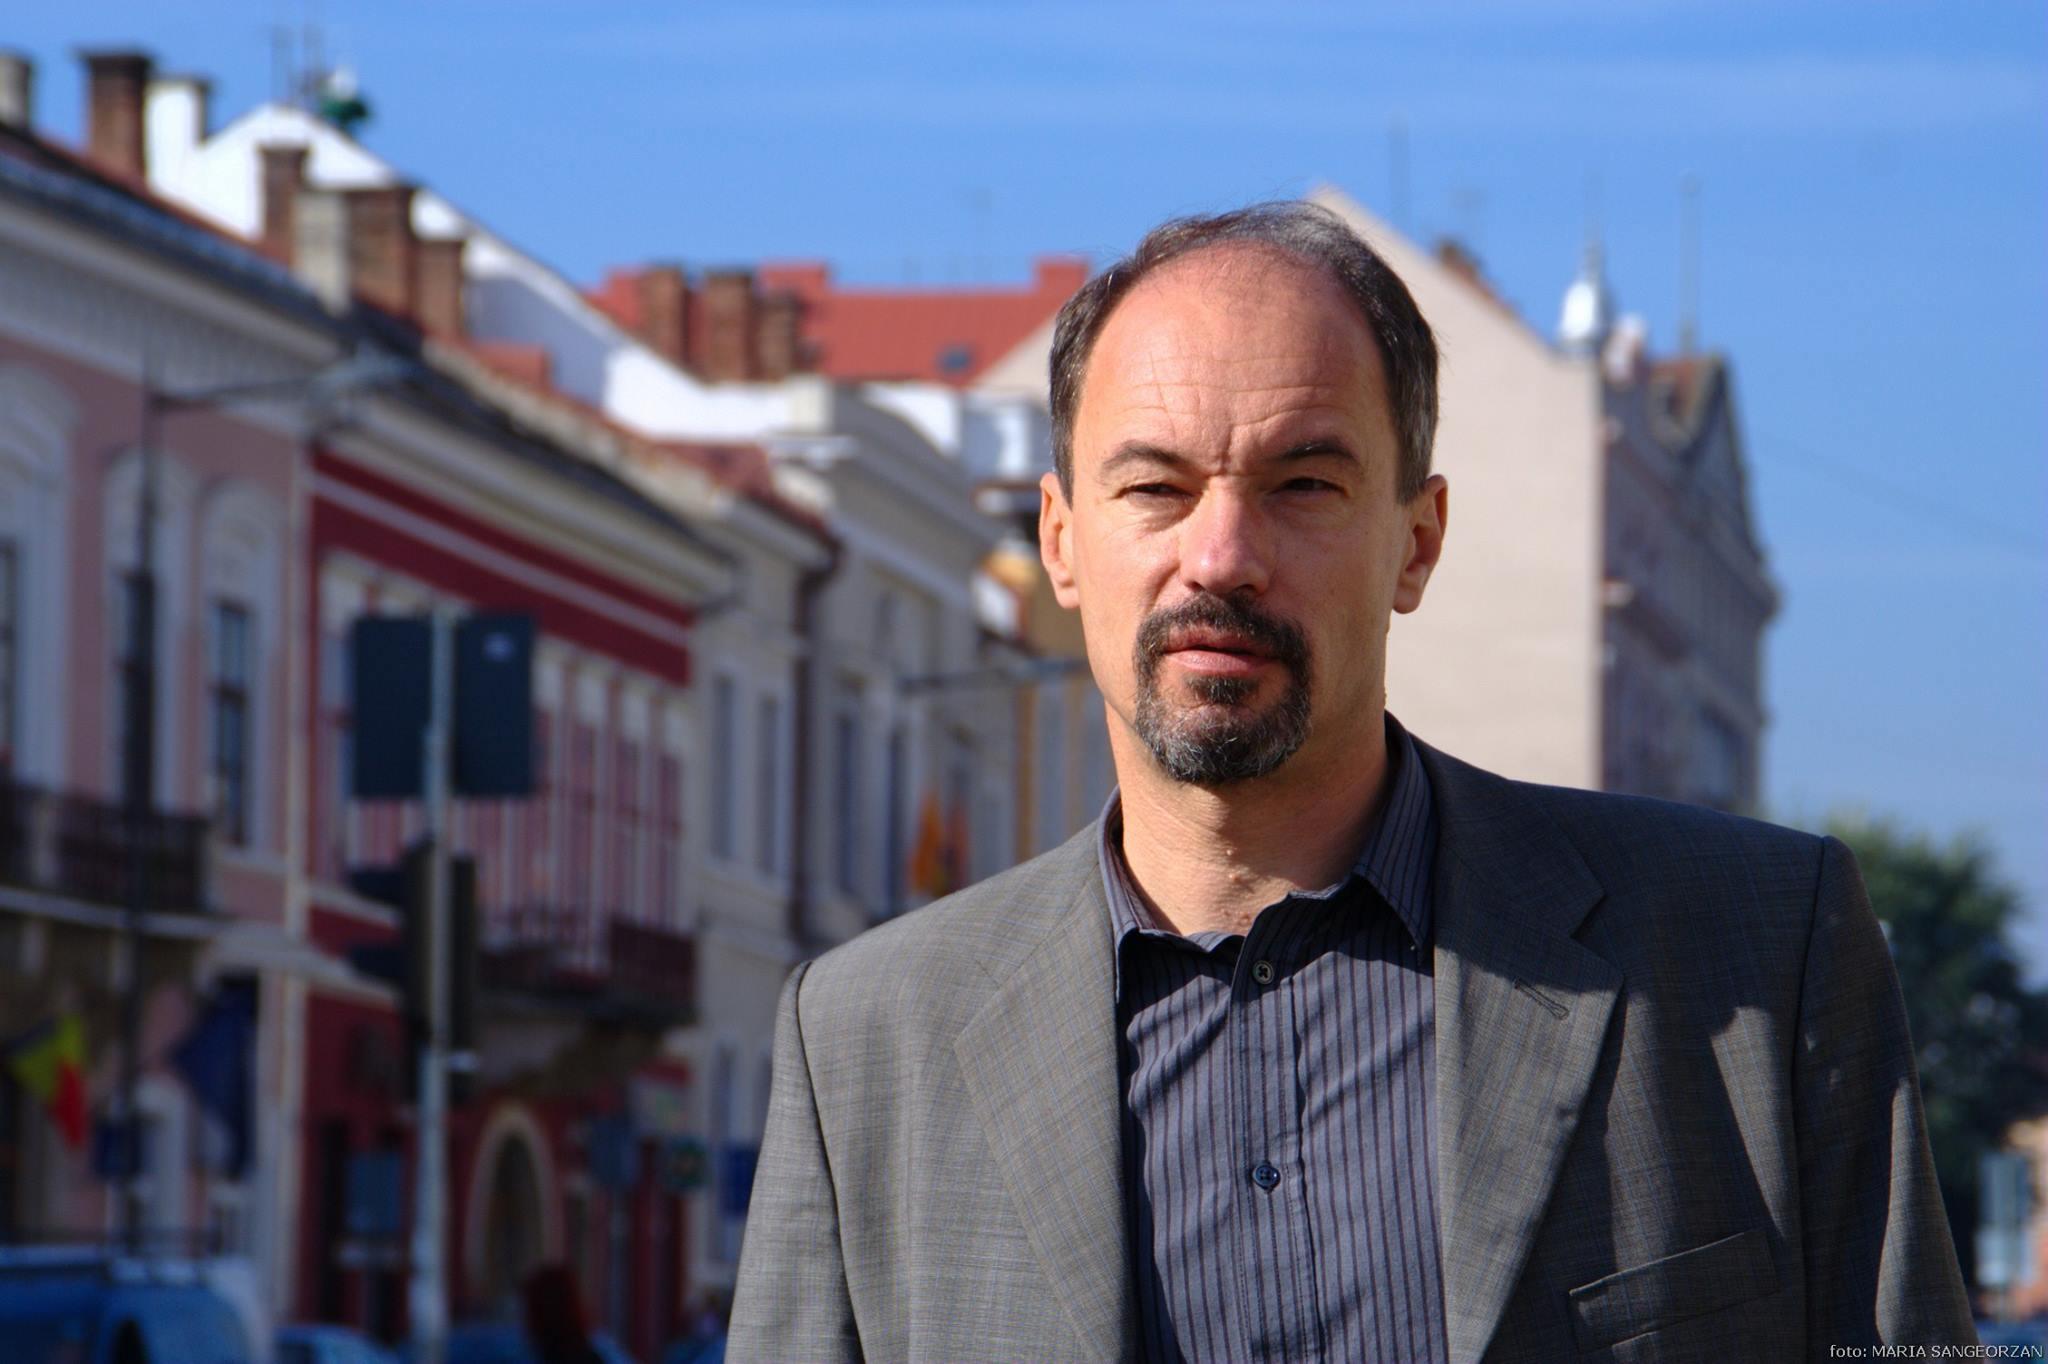 Serban Tiganas, presedintele Ordinului Arhitectilor din Romania - Interviu cu Serban Tiganas, presedintele Ordinului Arhitectilor din Romania, despre Romanian Building Awards